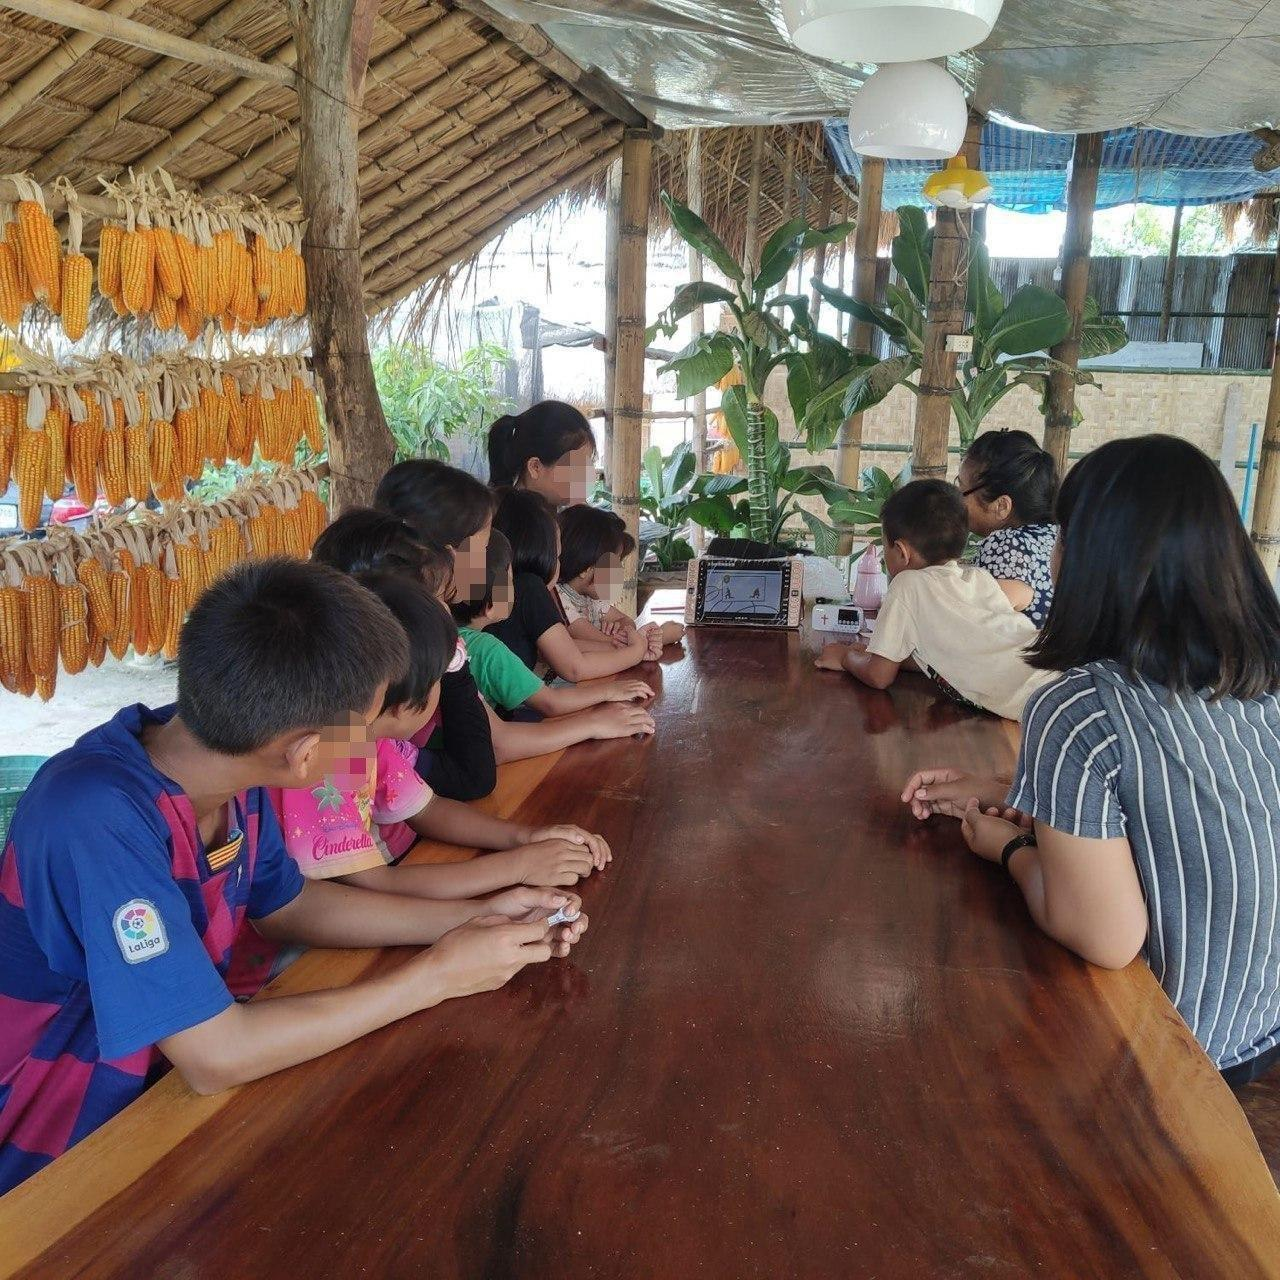 Pyhäkoulupaketin sisältämät materiaalit kiinnostavat myös aikuisia.